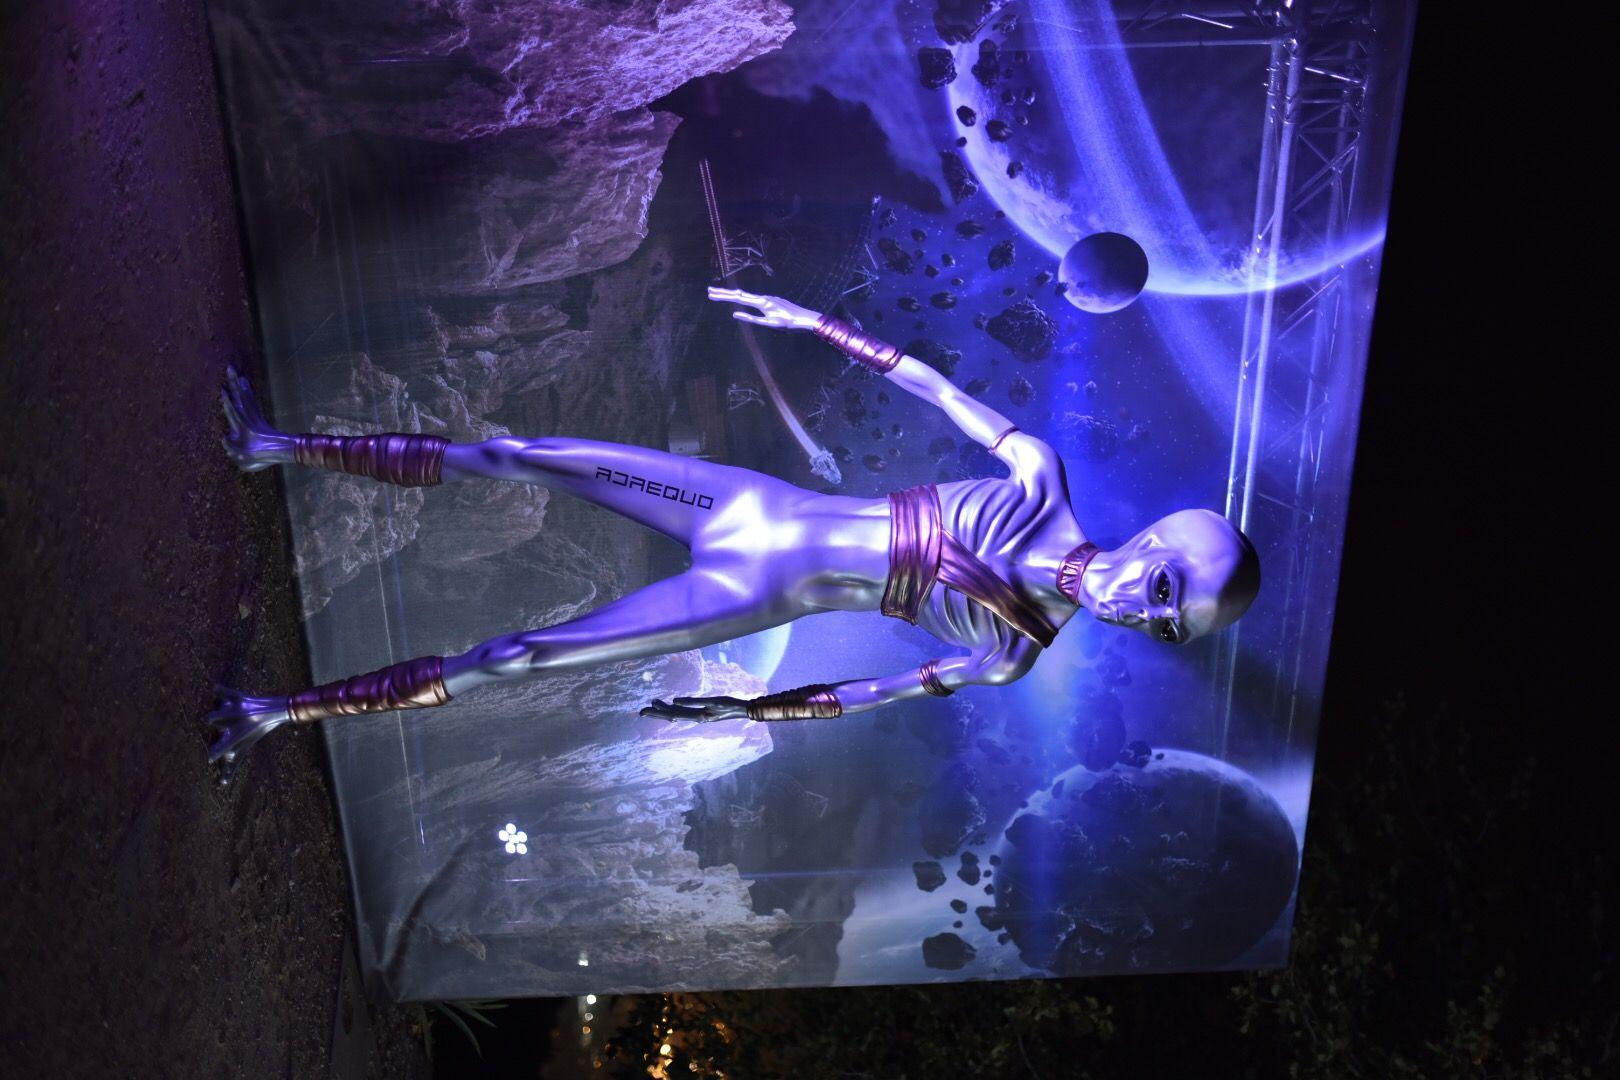 Fotografia Alienígena creado con impresión 3D por Adaequo que